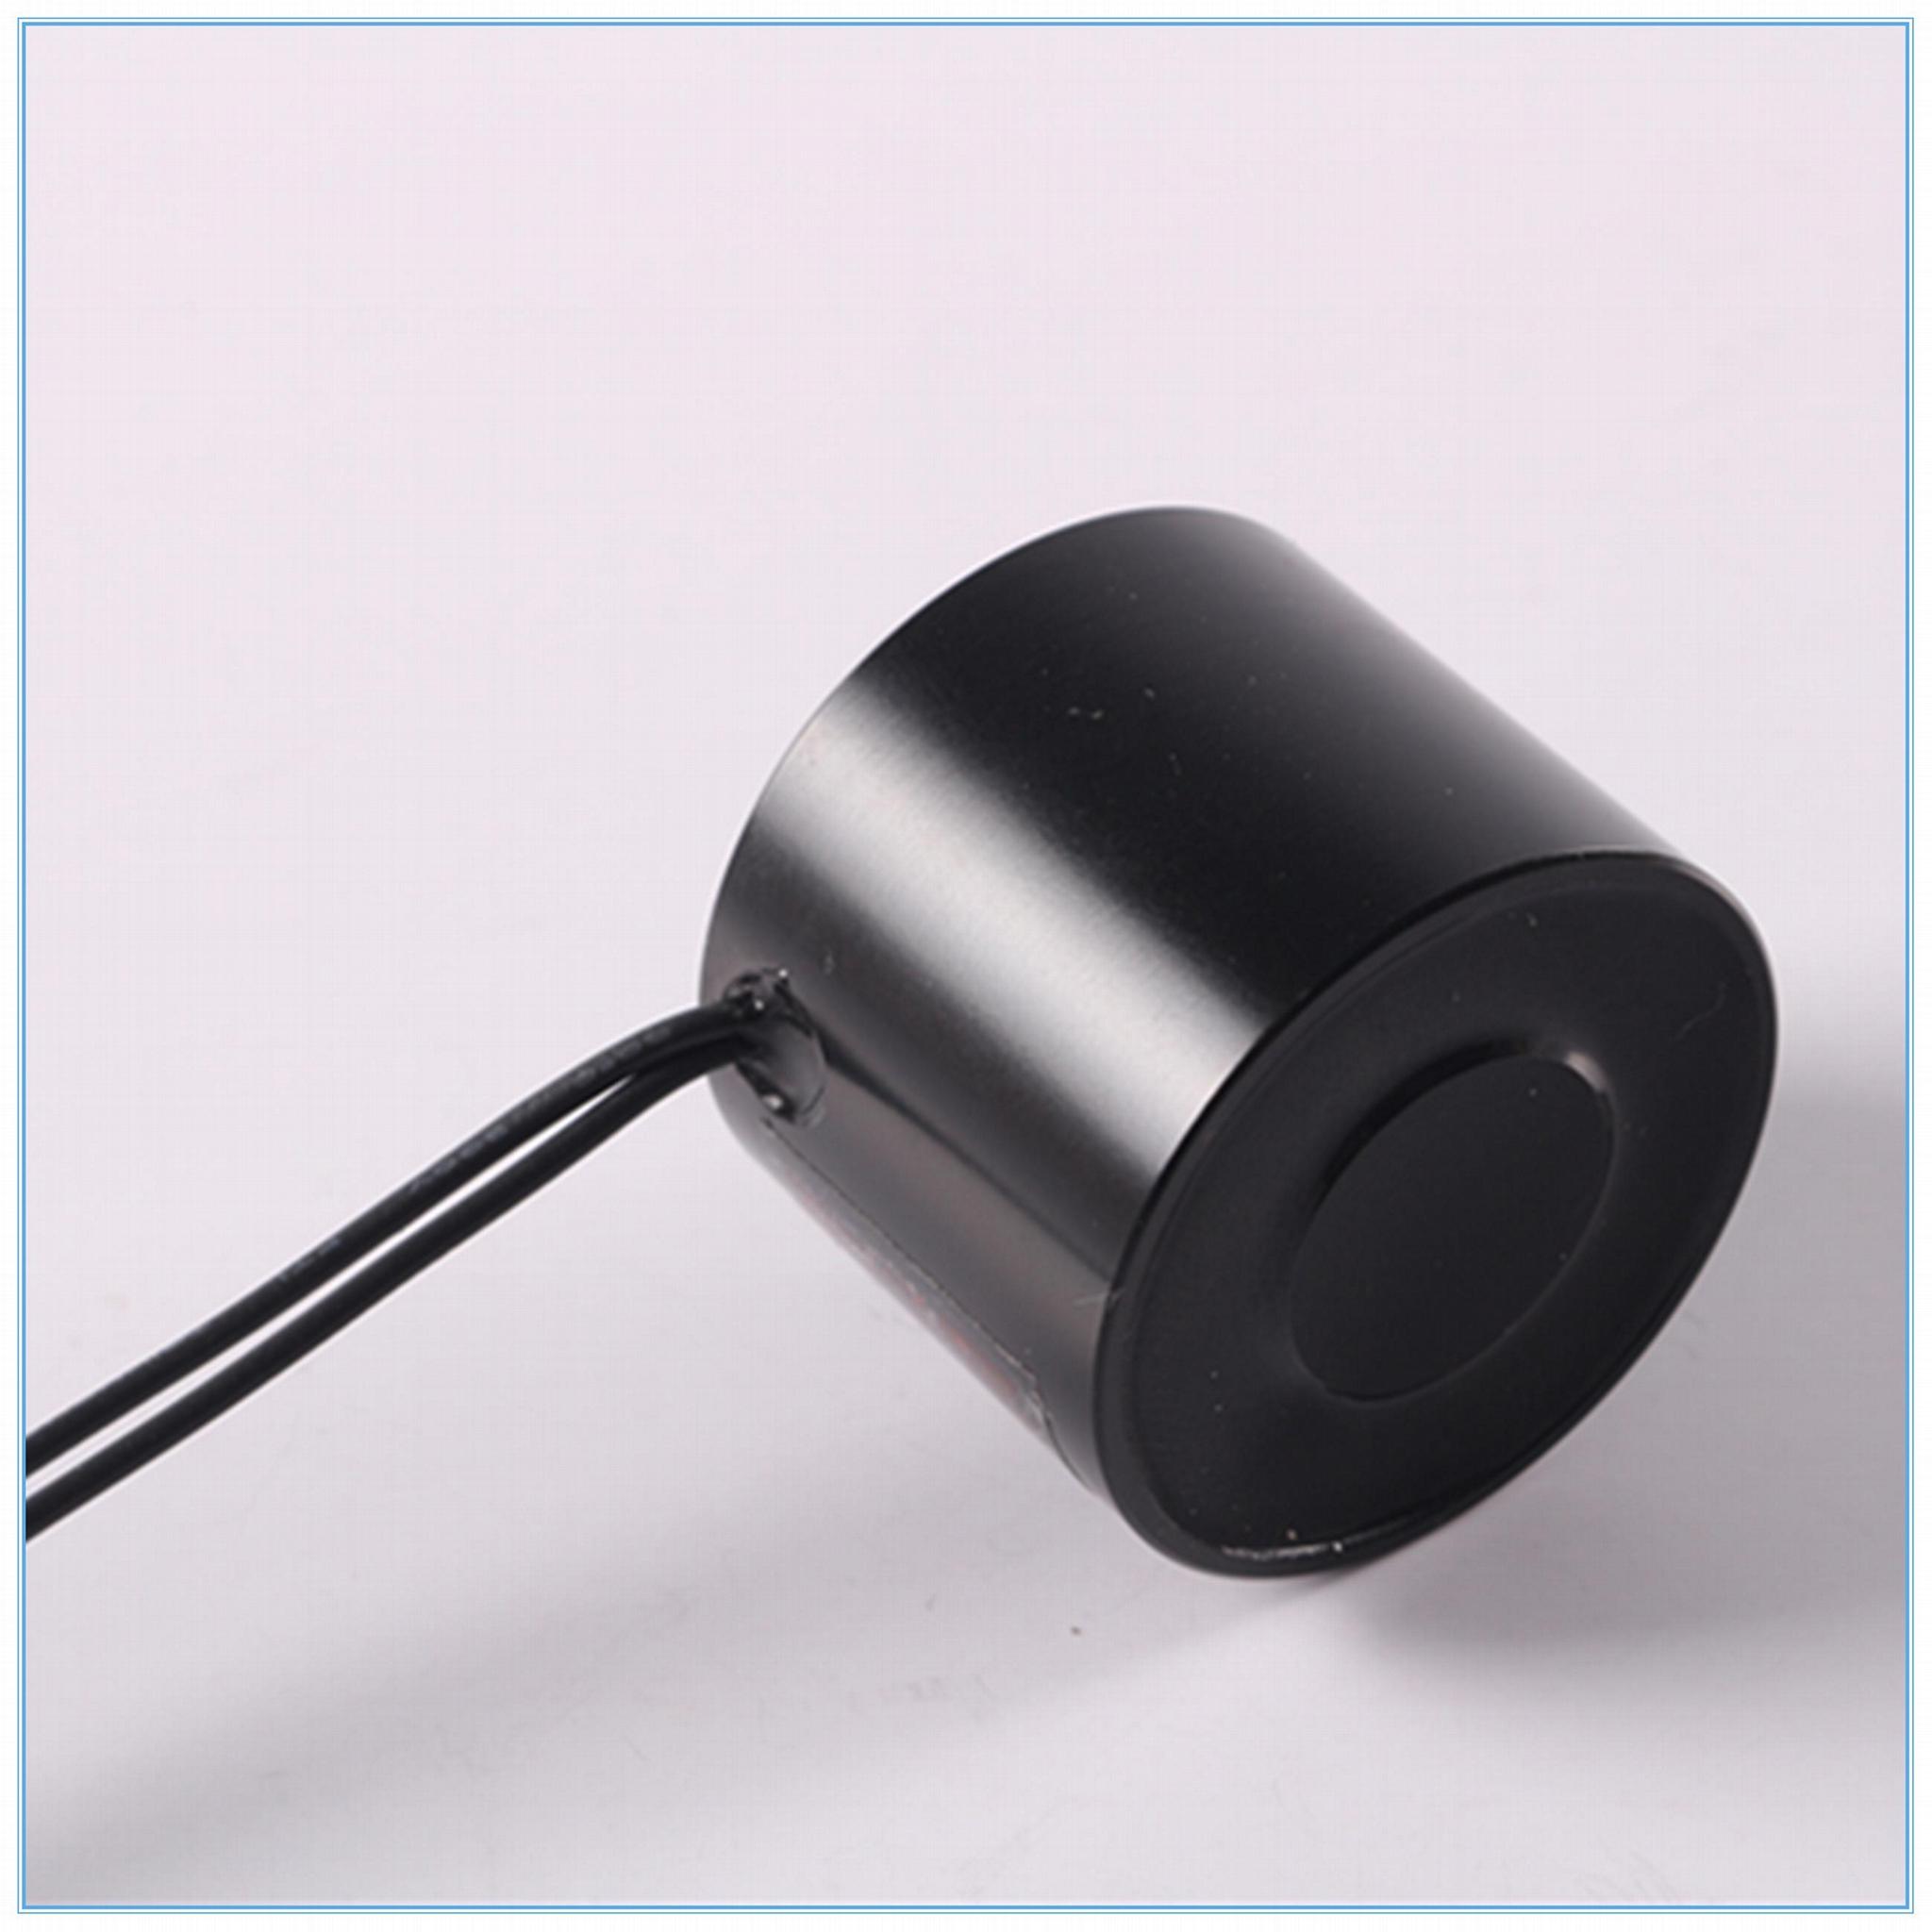 機械手專用吸盤電磁鐵BYH-3025|三棍閘機掉杆電磁鐵 2